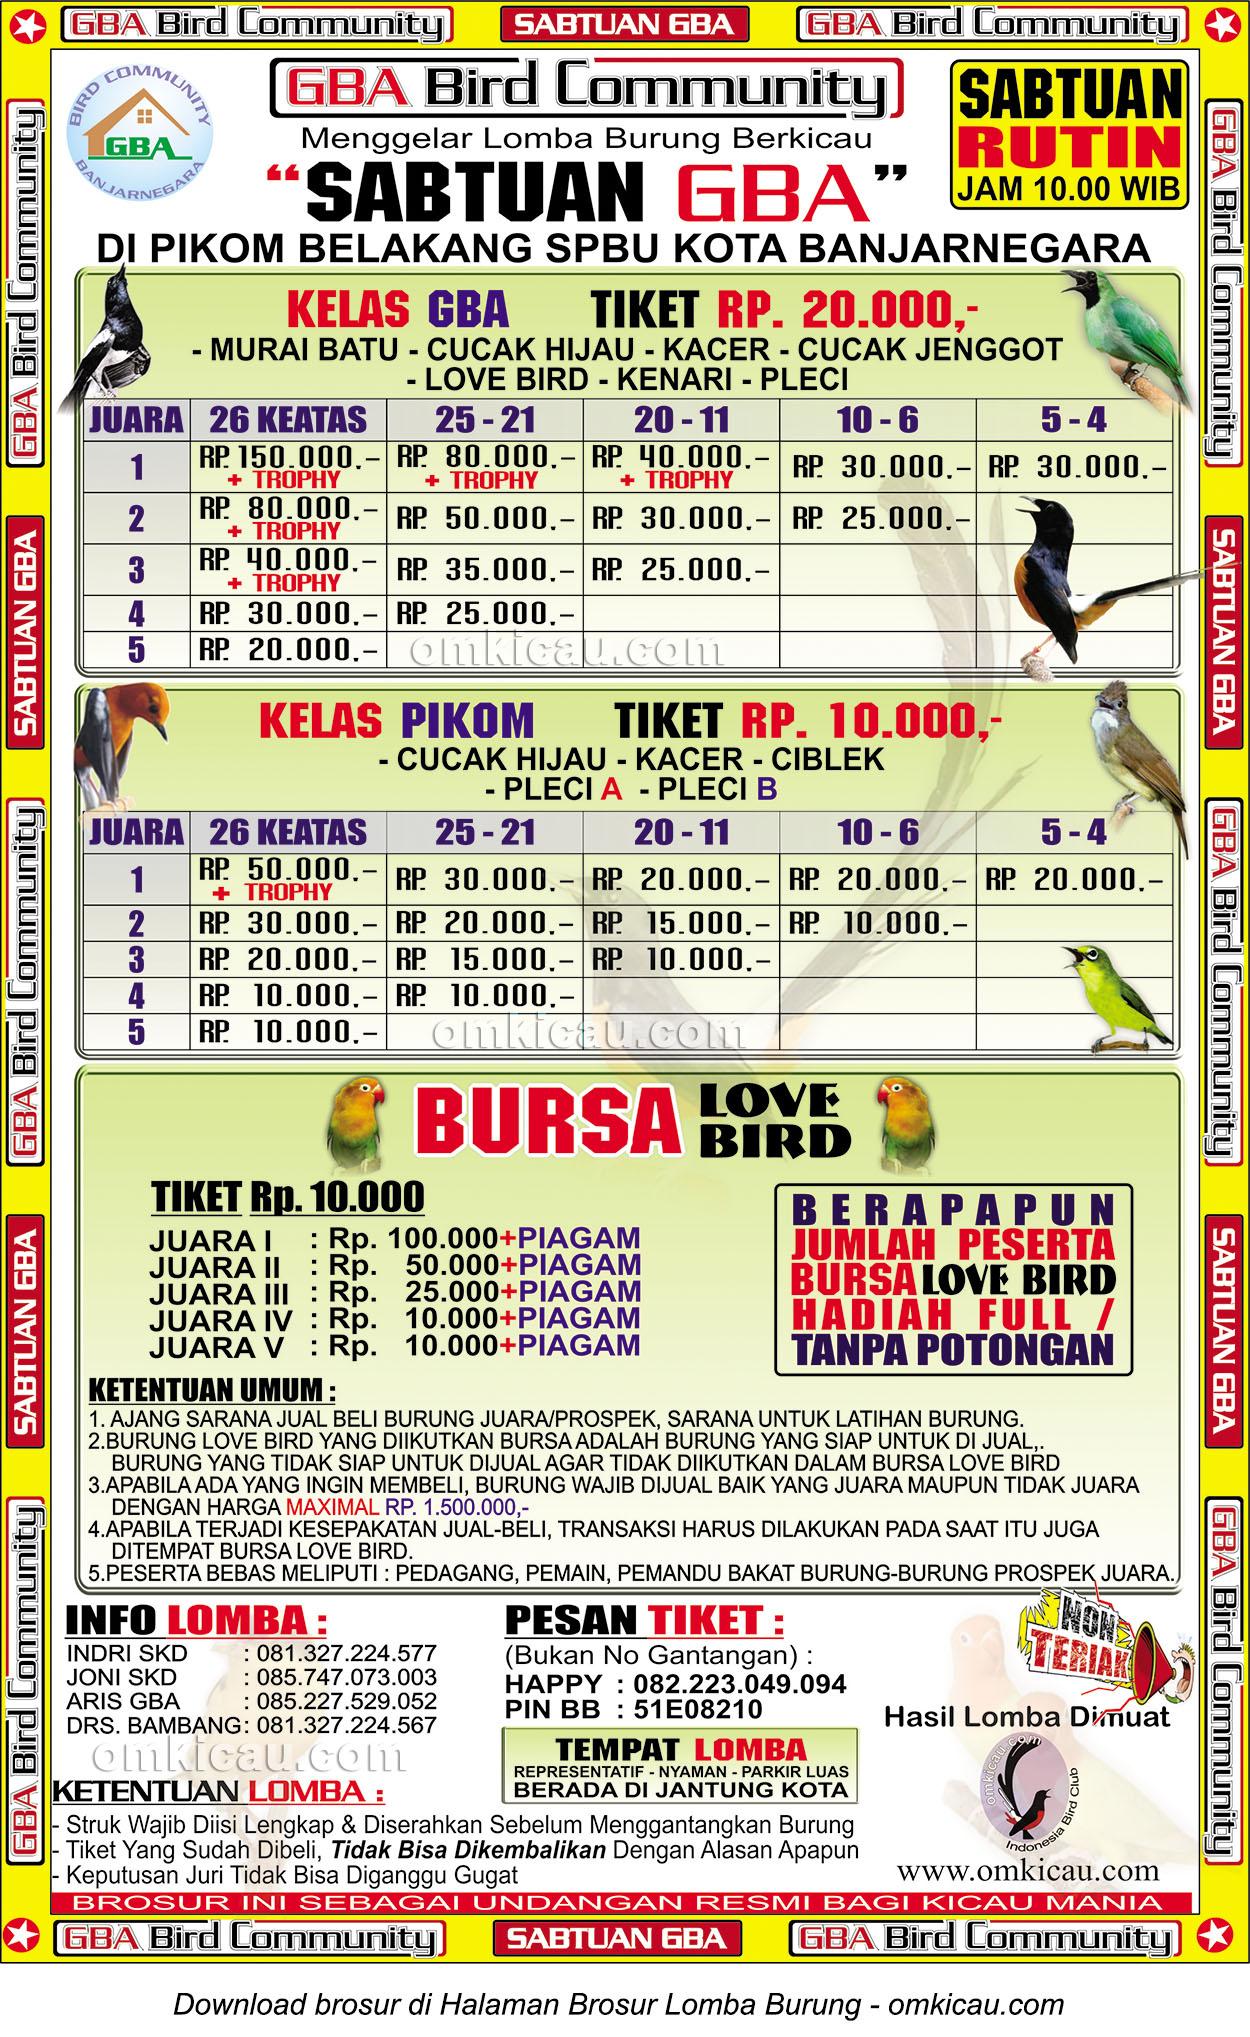 Brosur Lomba Burung Berkicau Sabtuan GBA, Banjarnegara, 28 Maret 2015